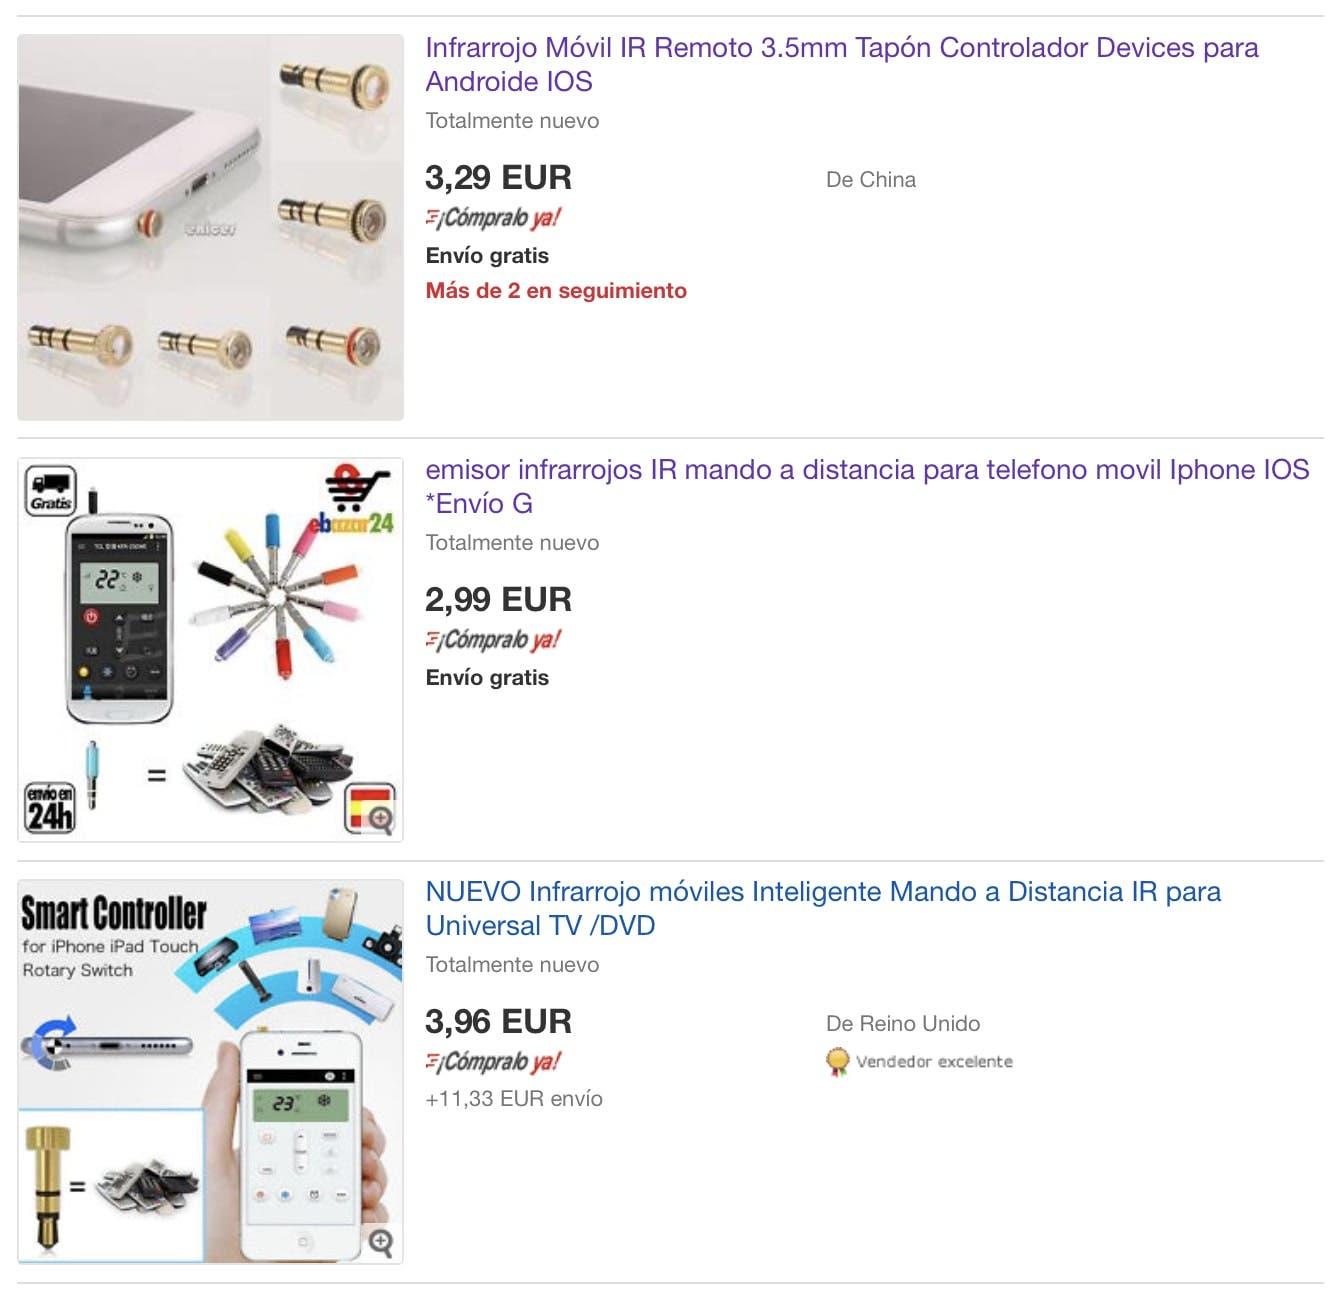 infrarrojos para smartphones